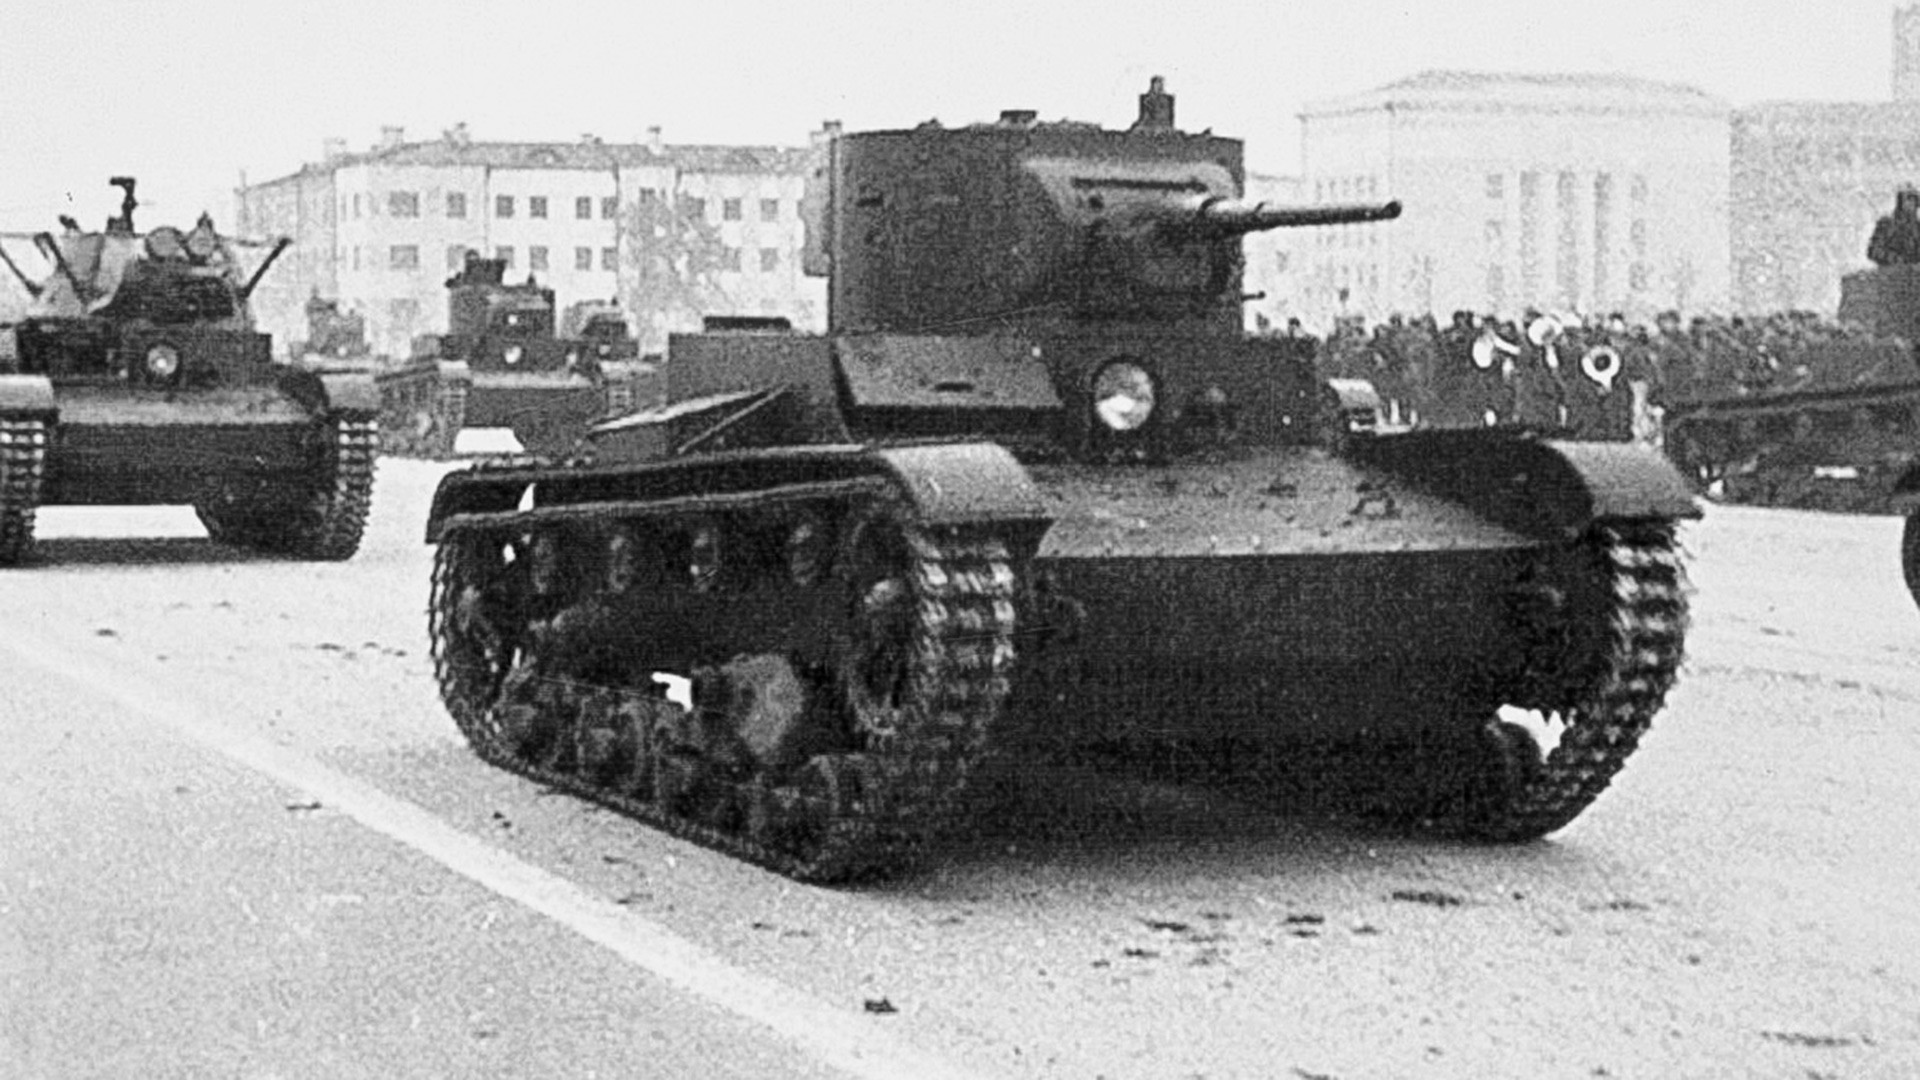 Laki pješadijski tenkovi T-26. Vojna parada u Kujbiševu 7. studenog 1941.